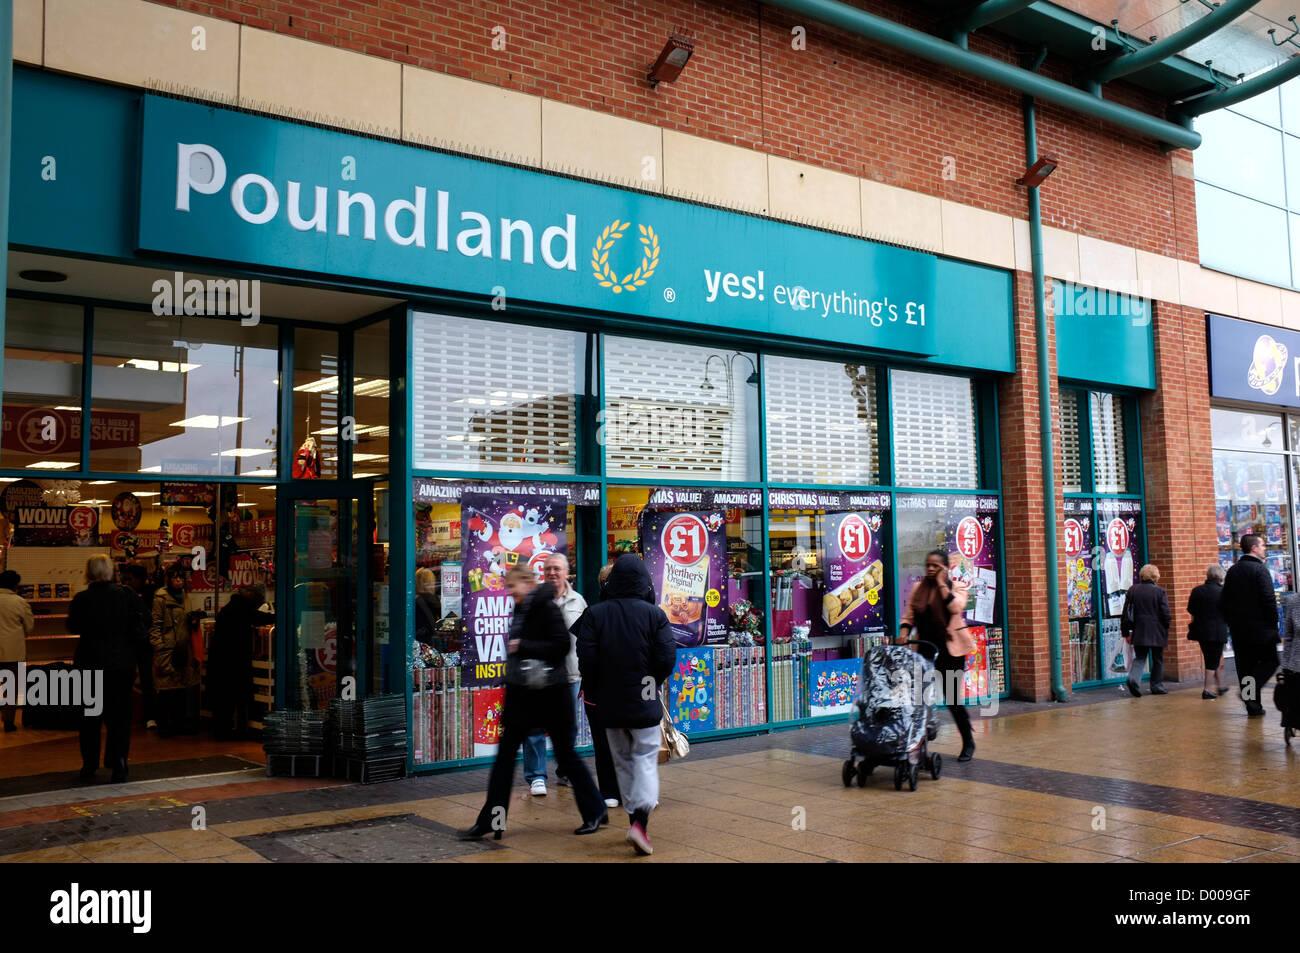 Negozio poundland Bexleyheath Kent REGNO UNITO 2012 Immagini Stock